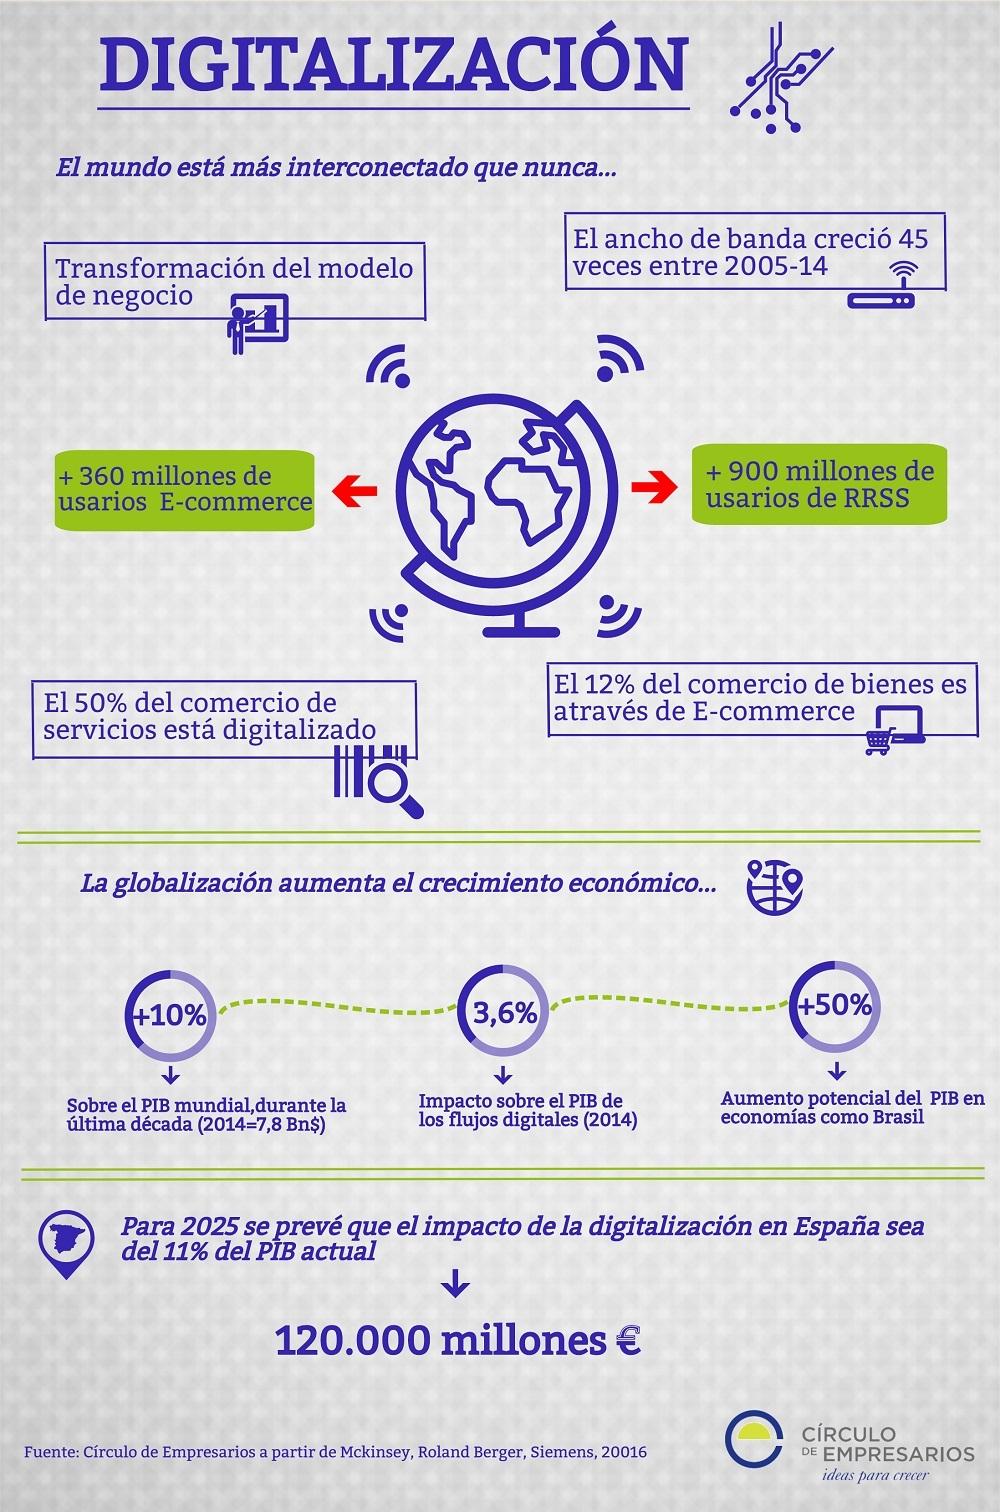 digitalizacion_circulo_de_empresarios_noviembre_2016_1000px